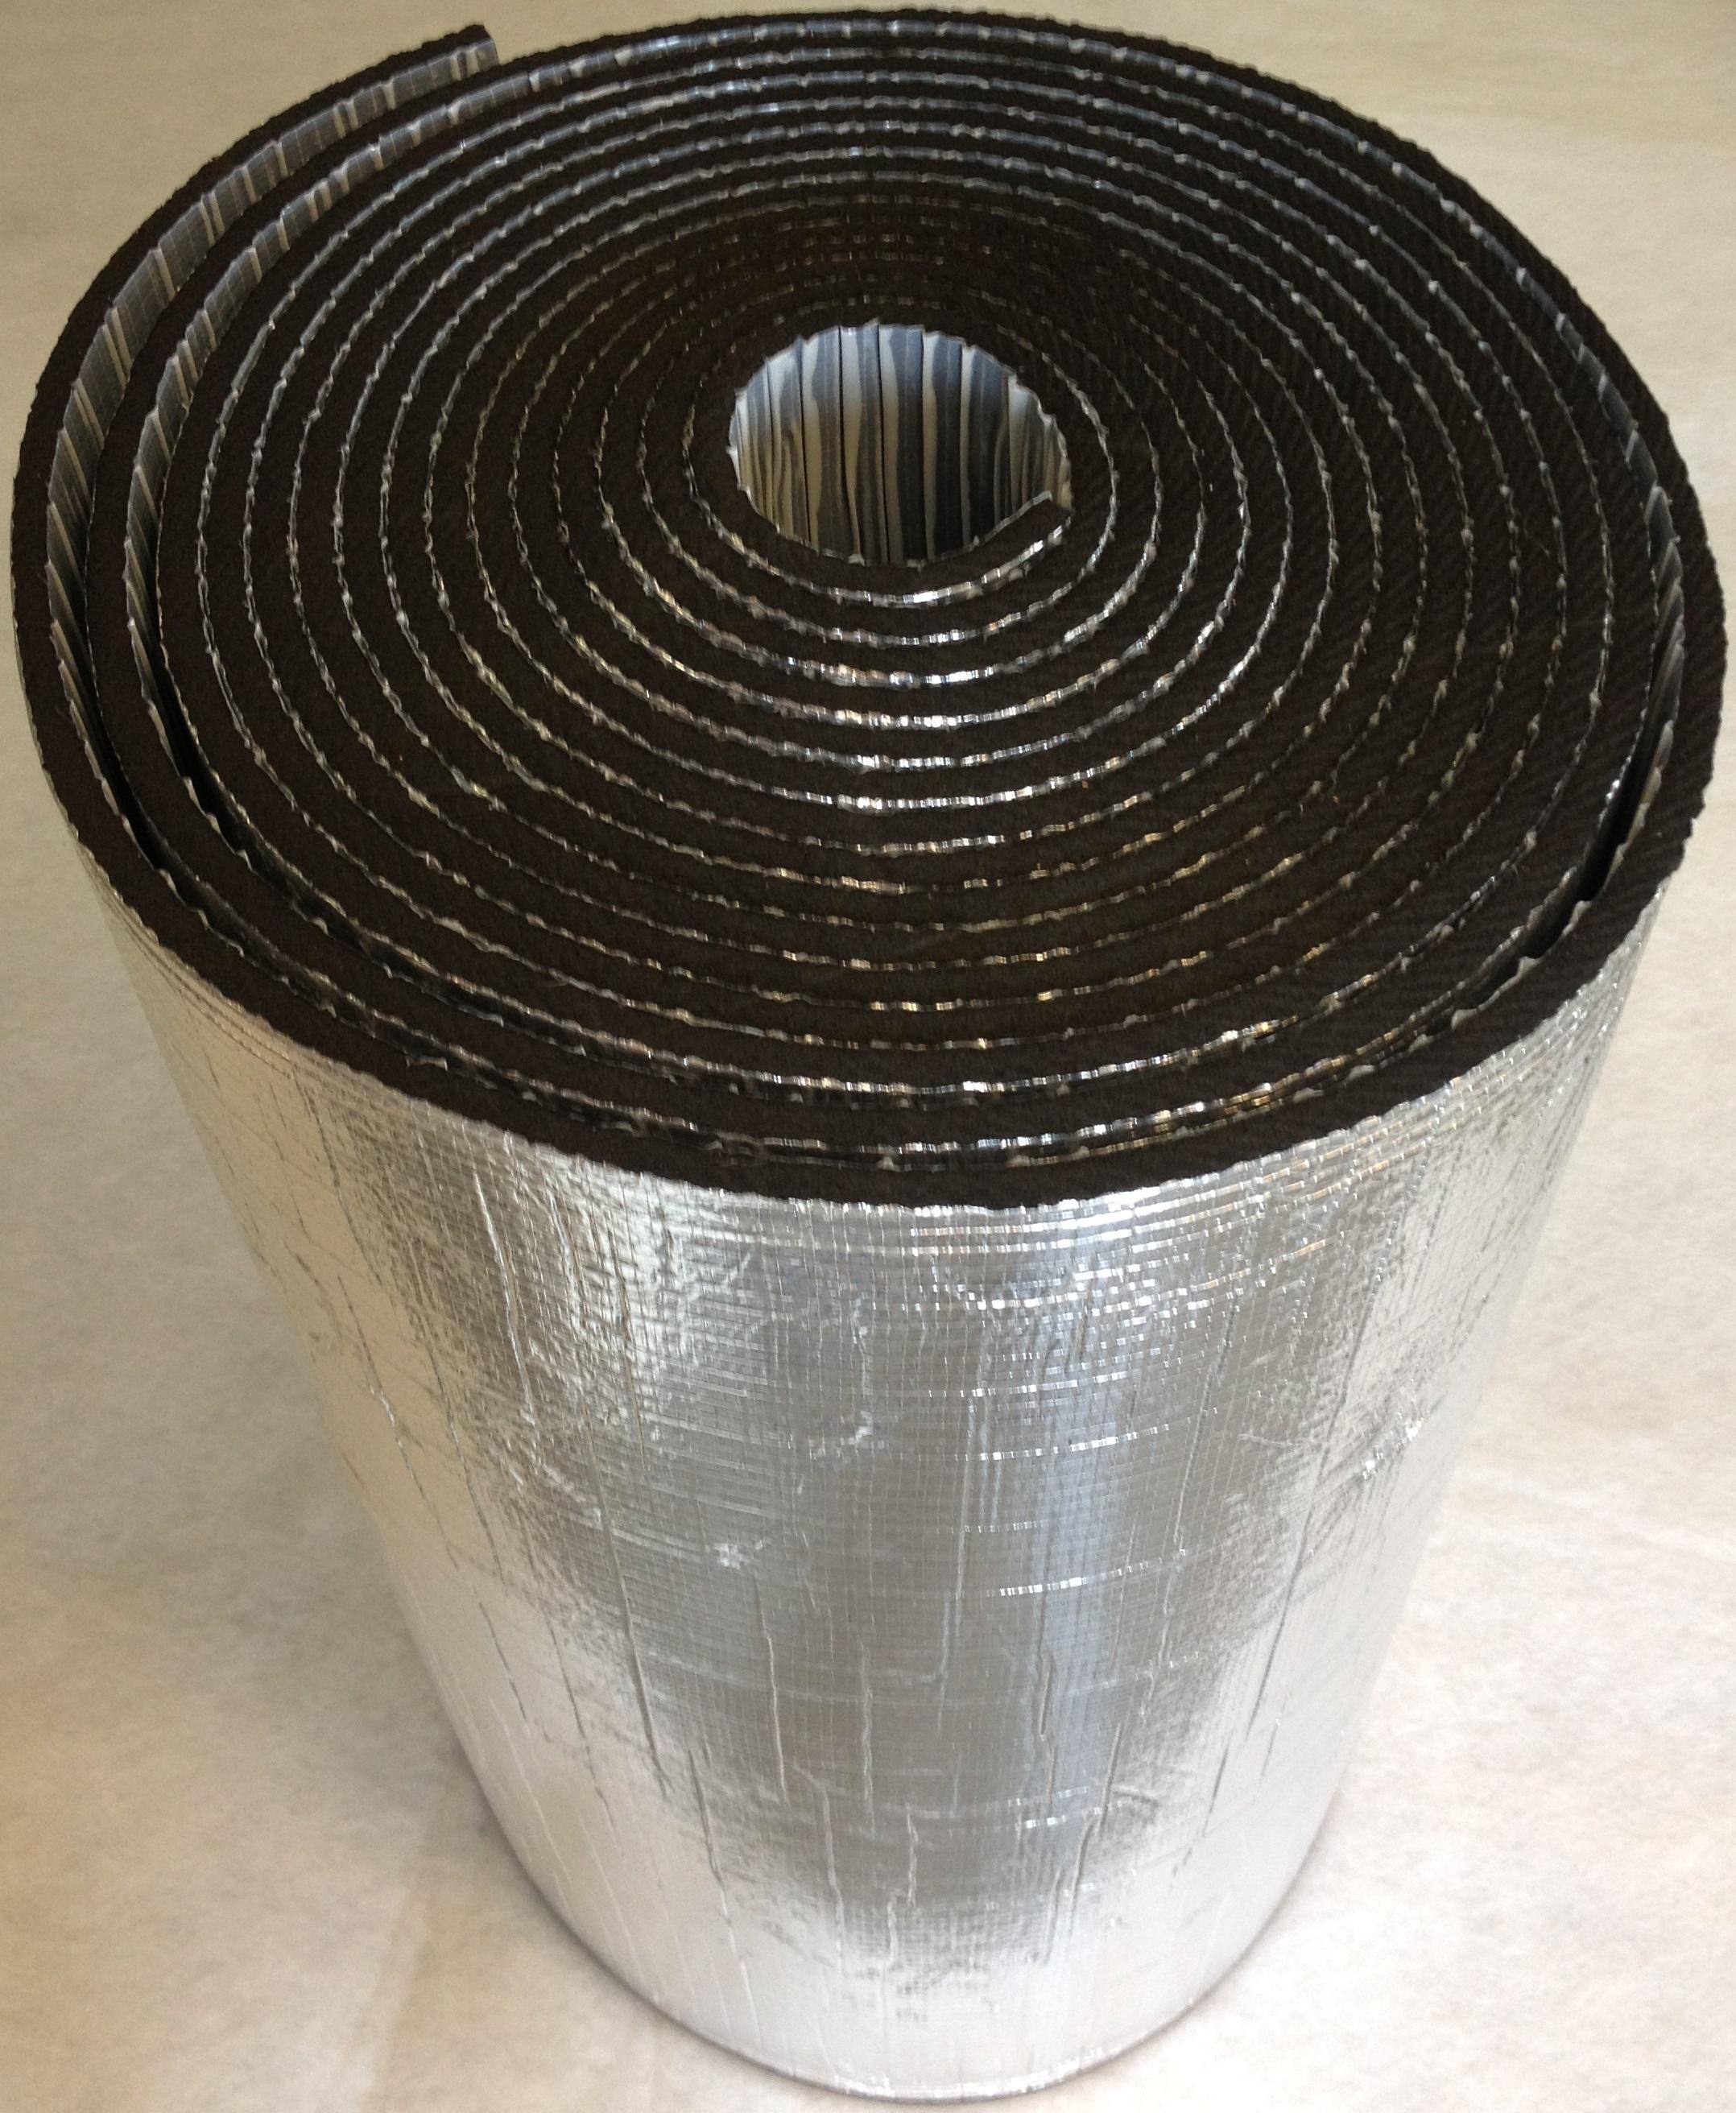 samolepiaca-izolacia-13mm-s-hlinikovou-foliou-1-m2